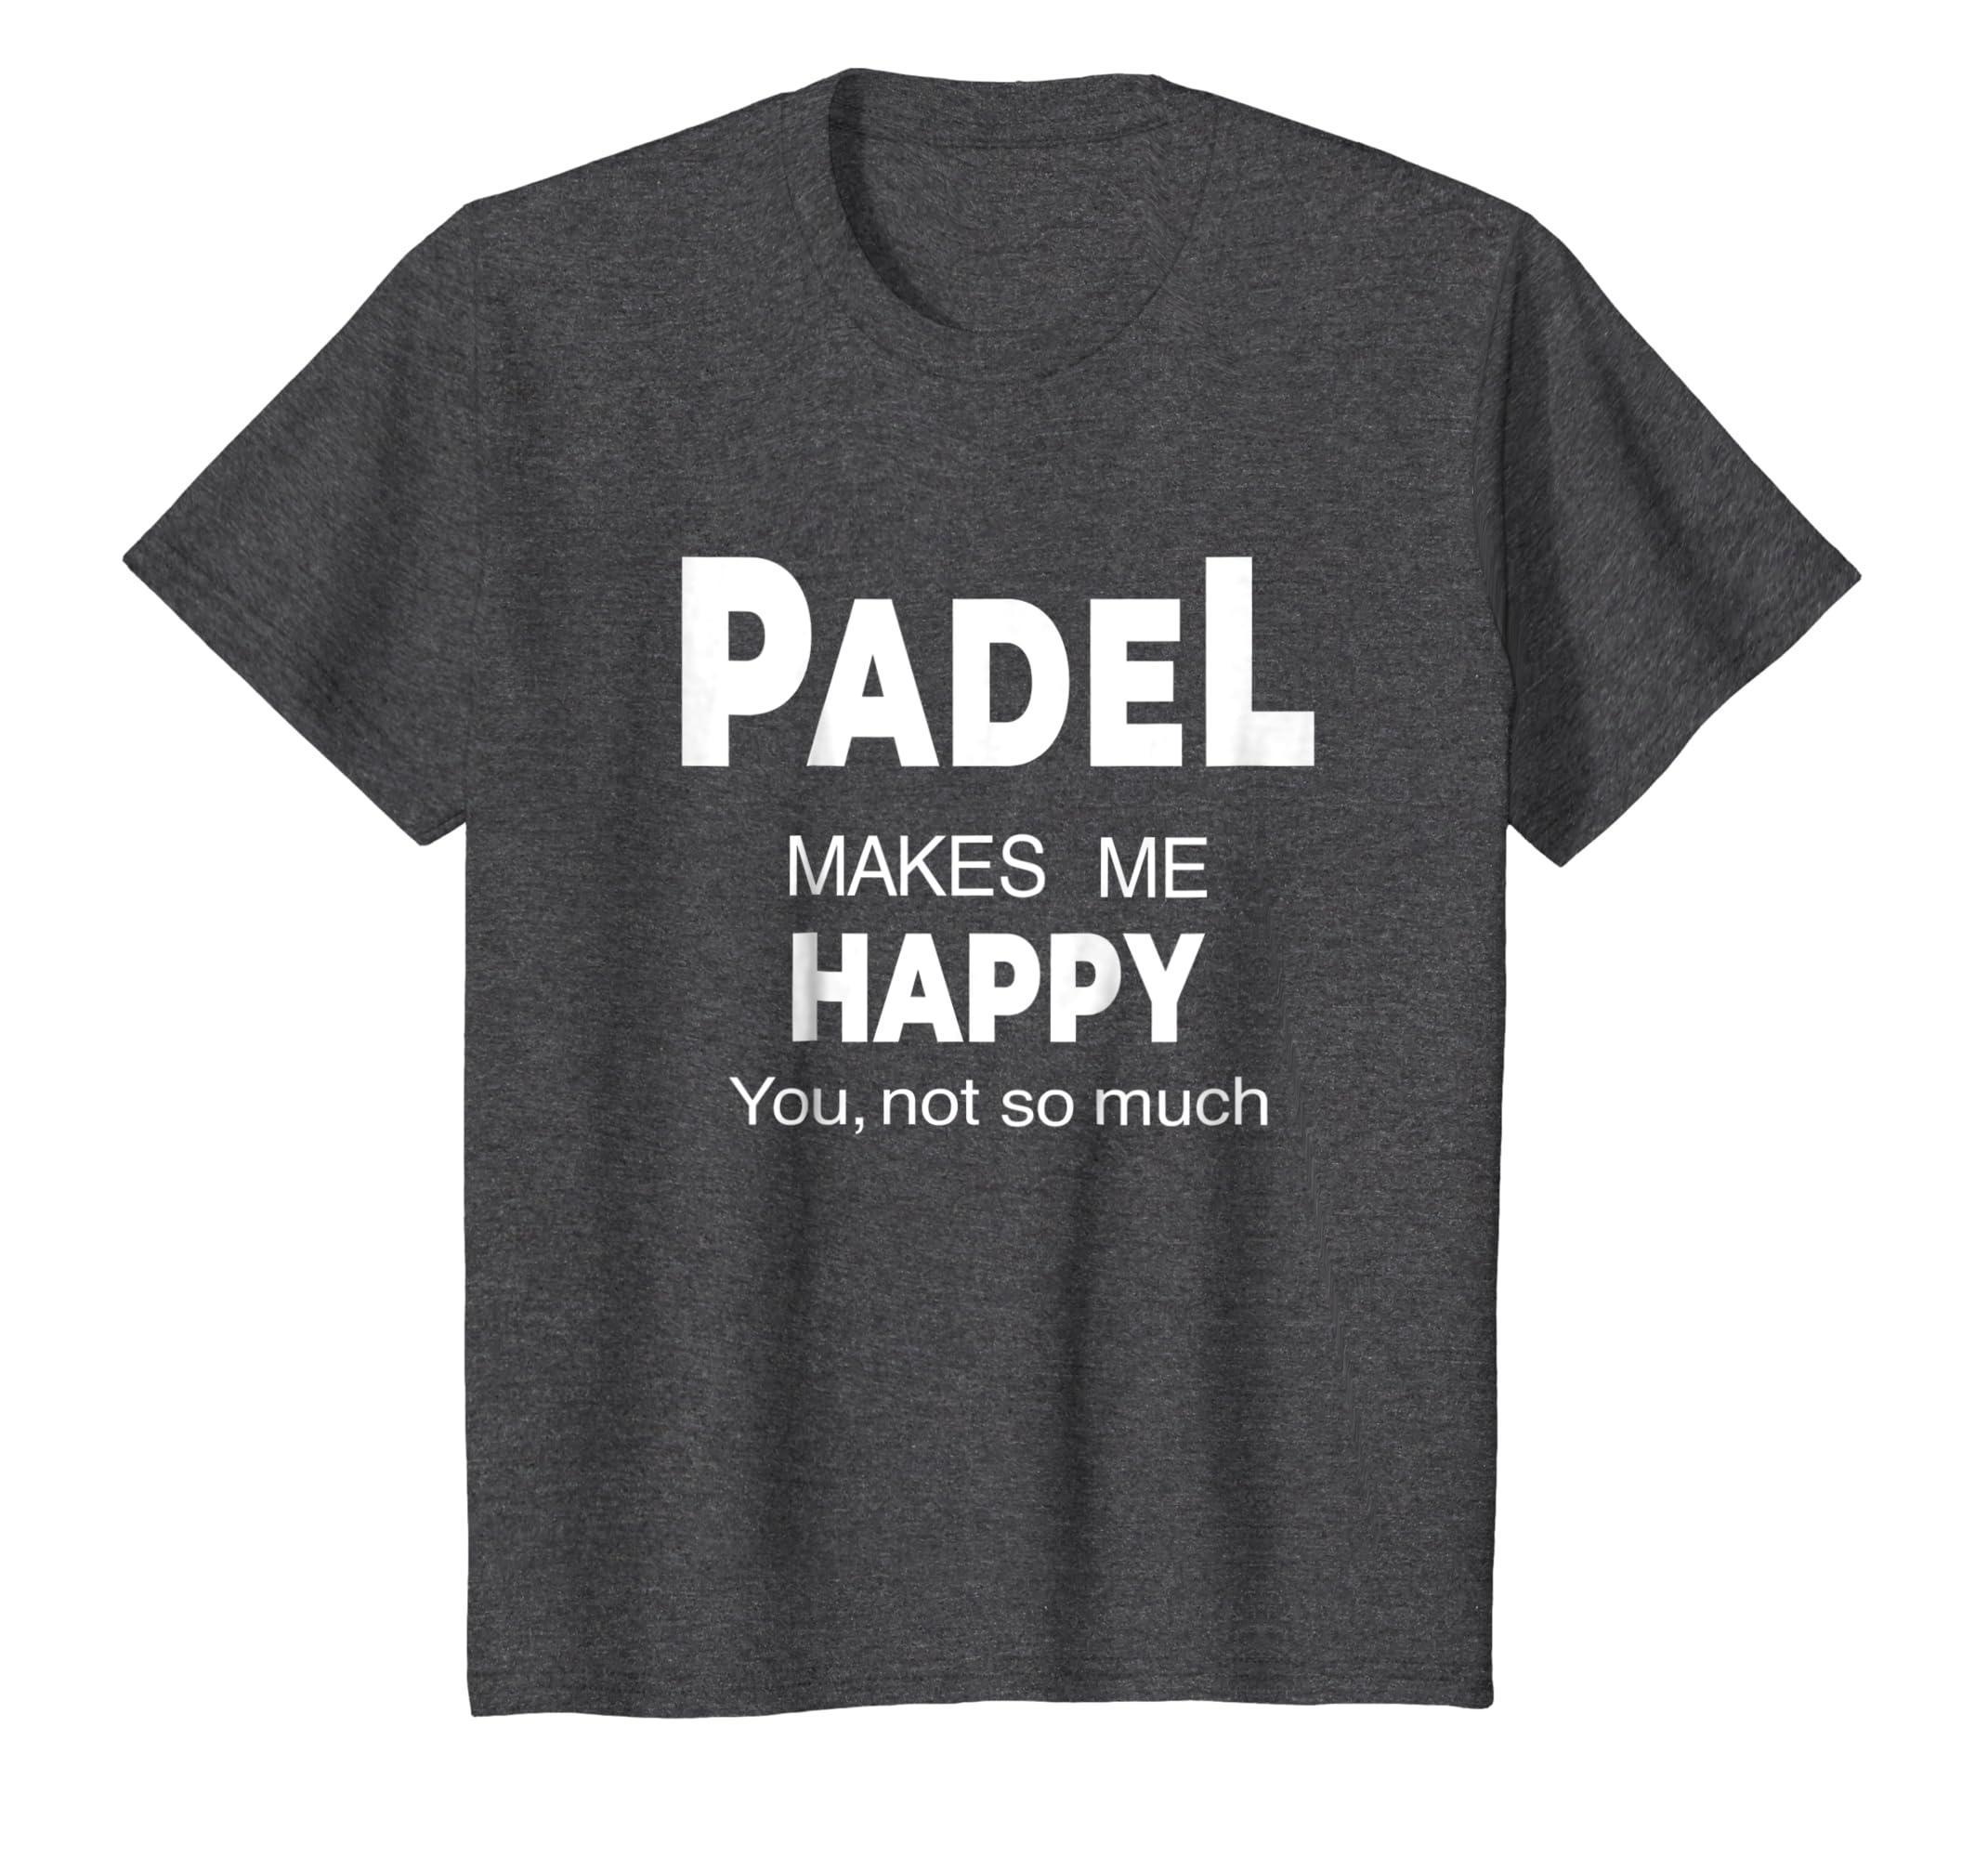 Amazon.com: Padel Makes Me Happy Humorous Funny Practice T ...